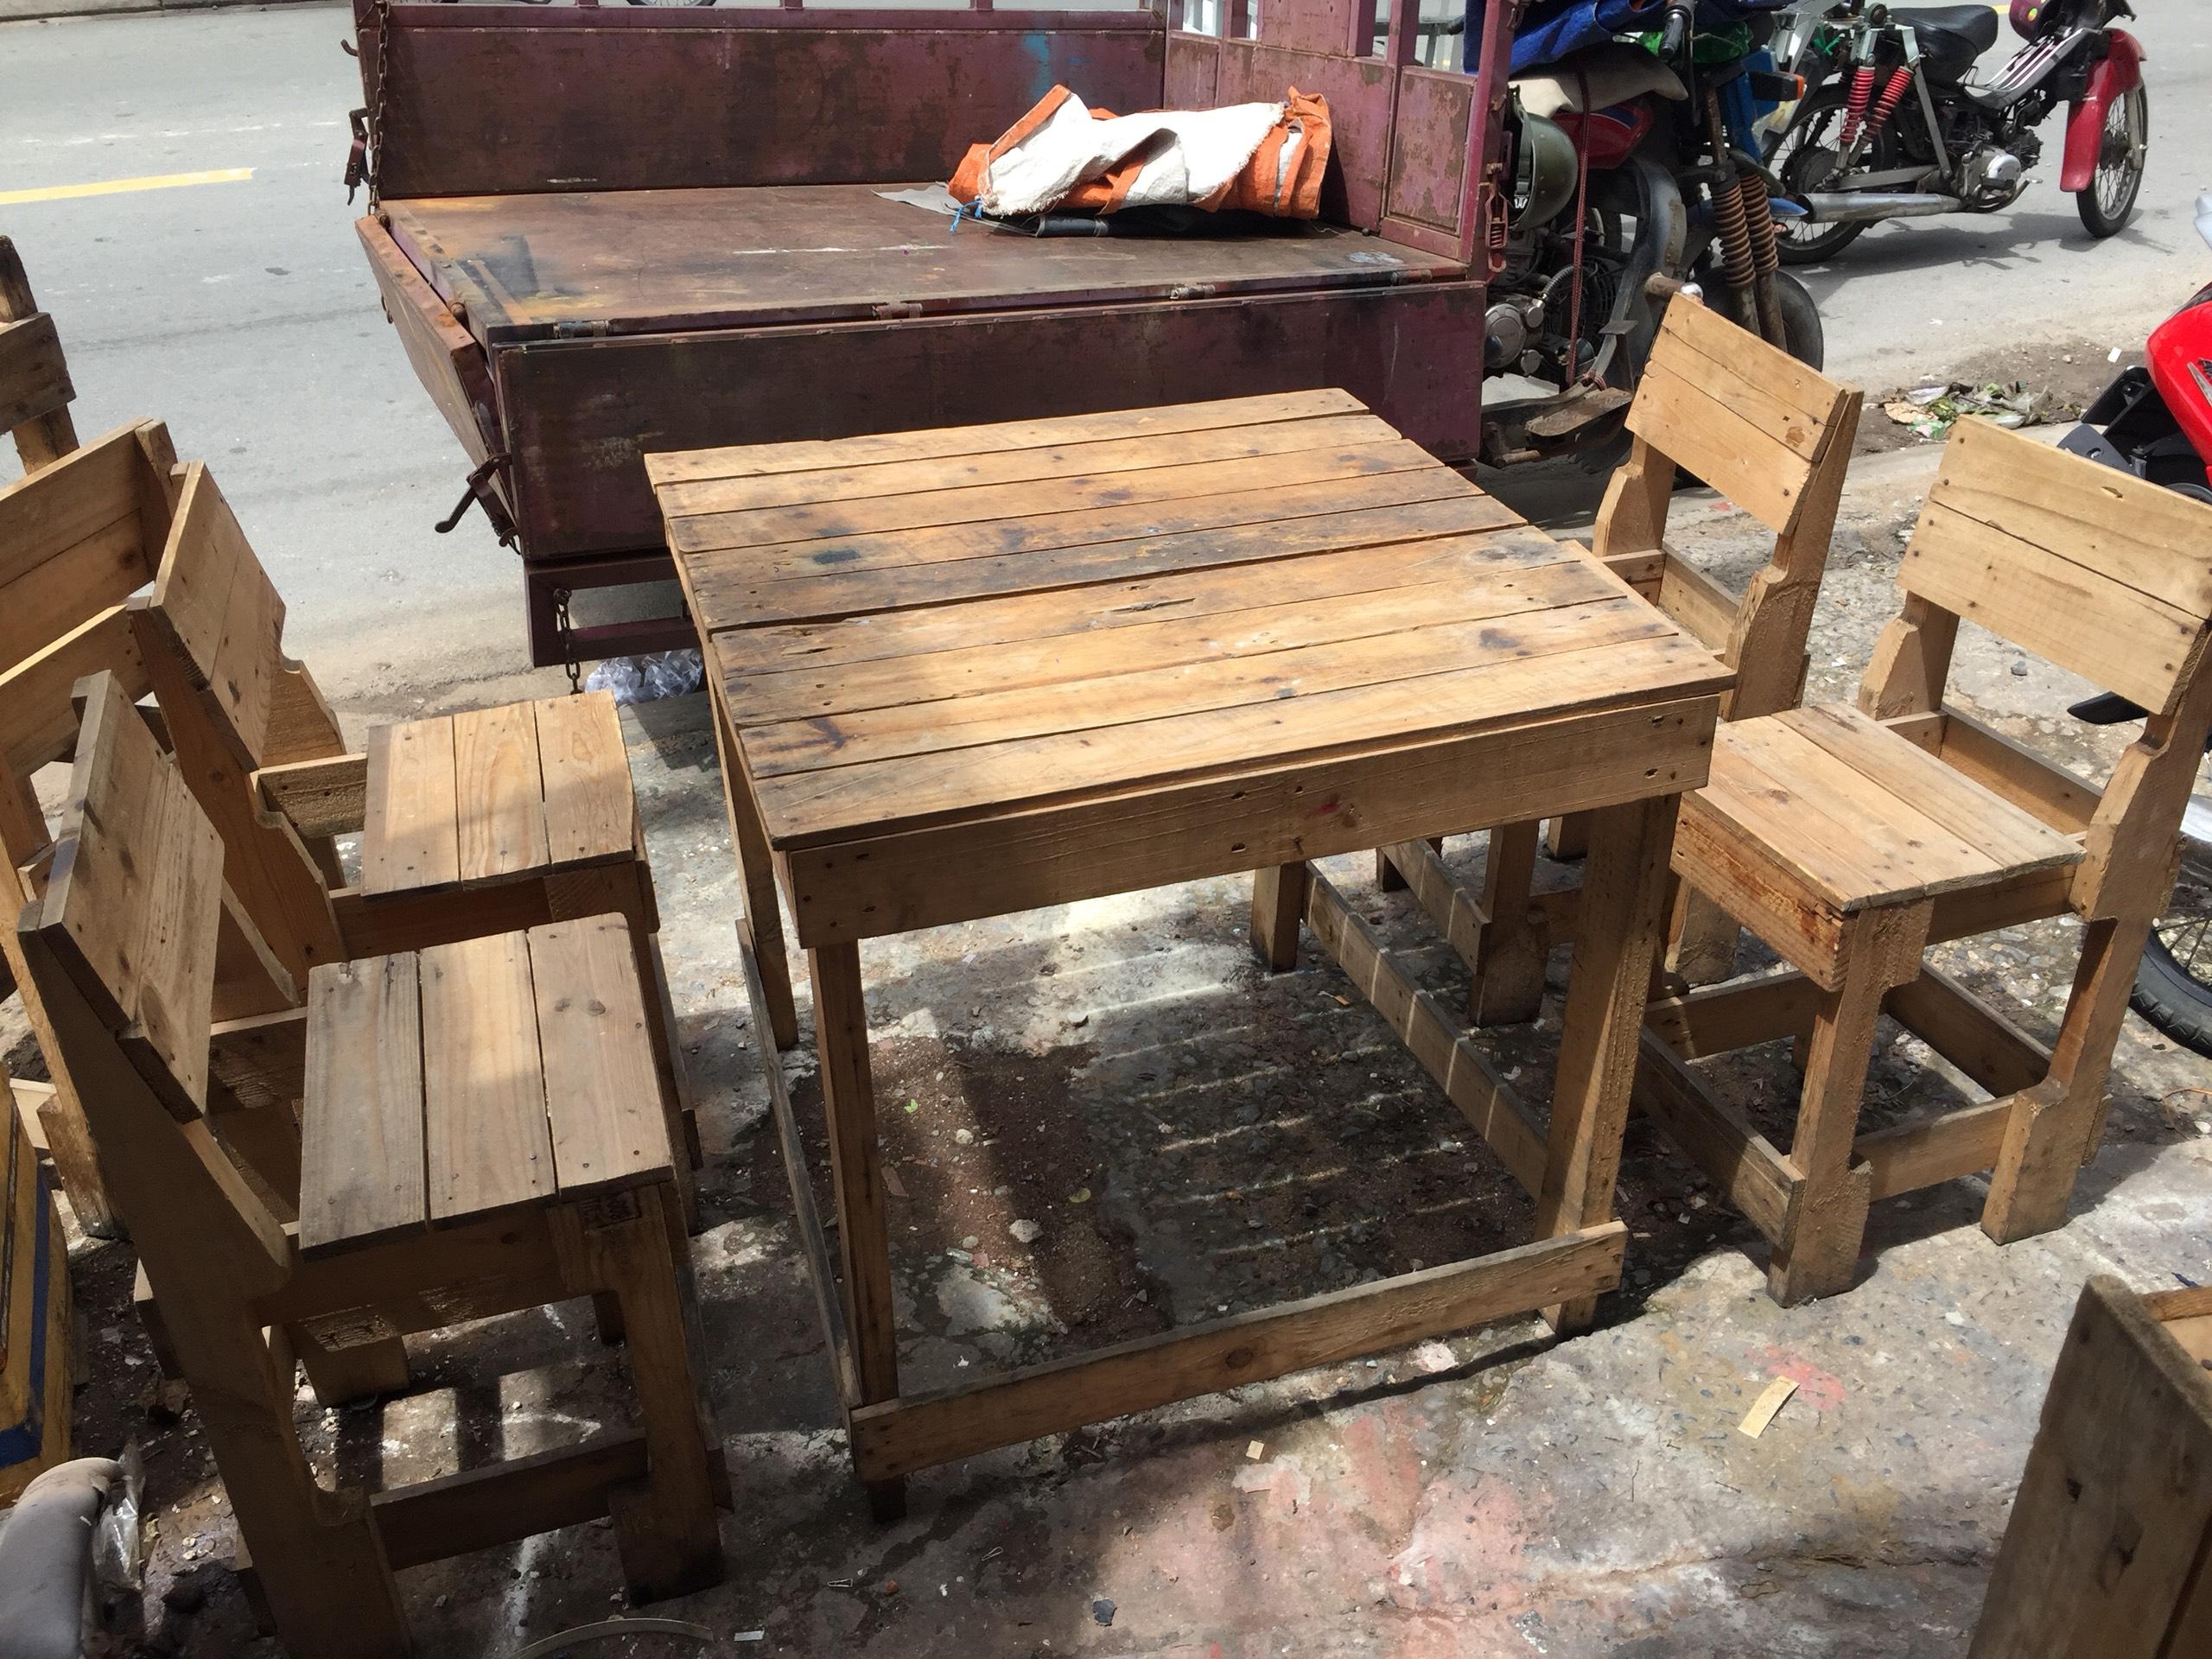 Thanh lý bàn ghế cafe cũ giá rẻ tại Thanhlytot